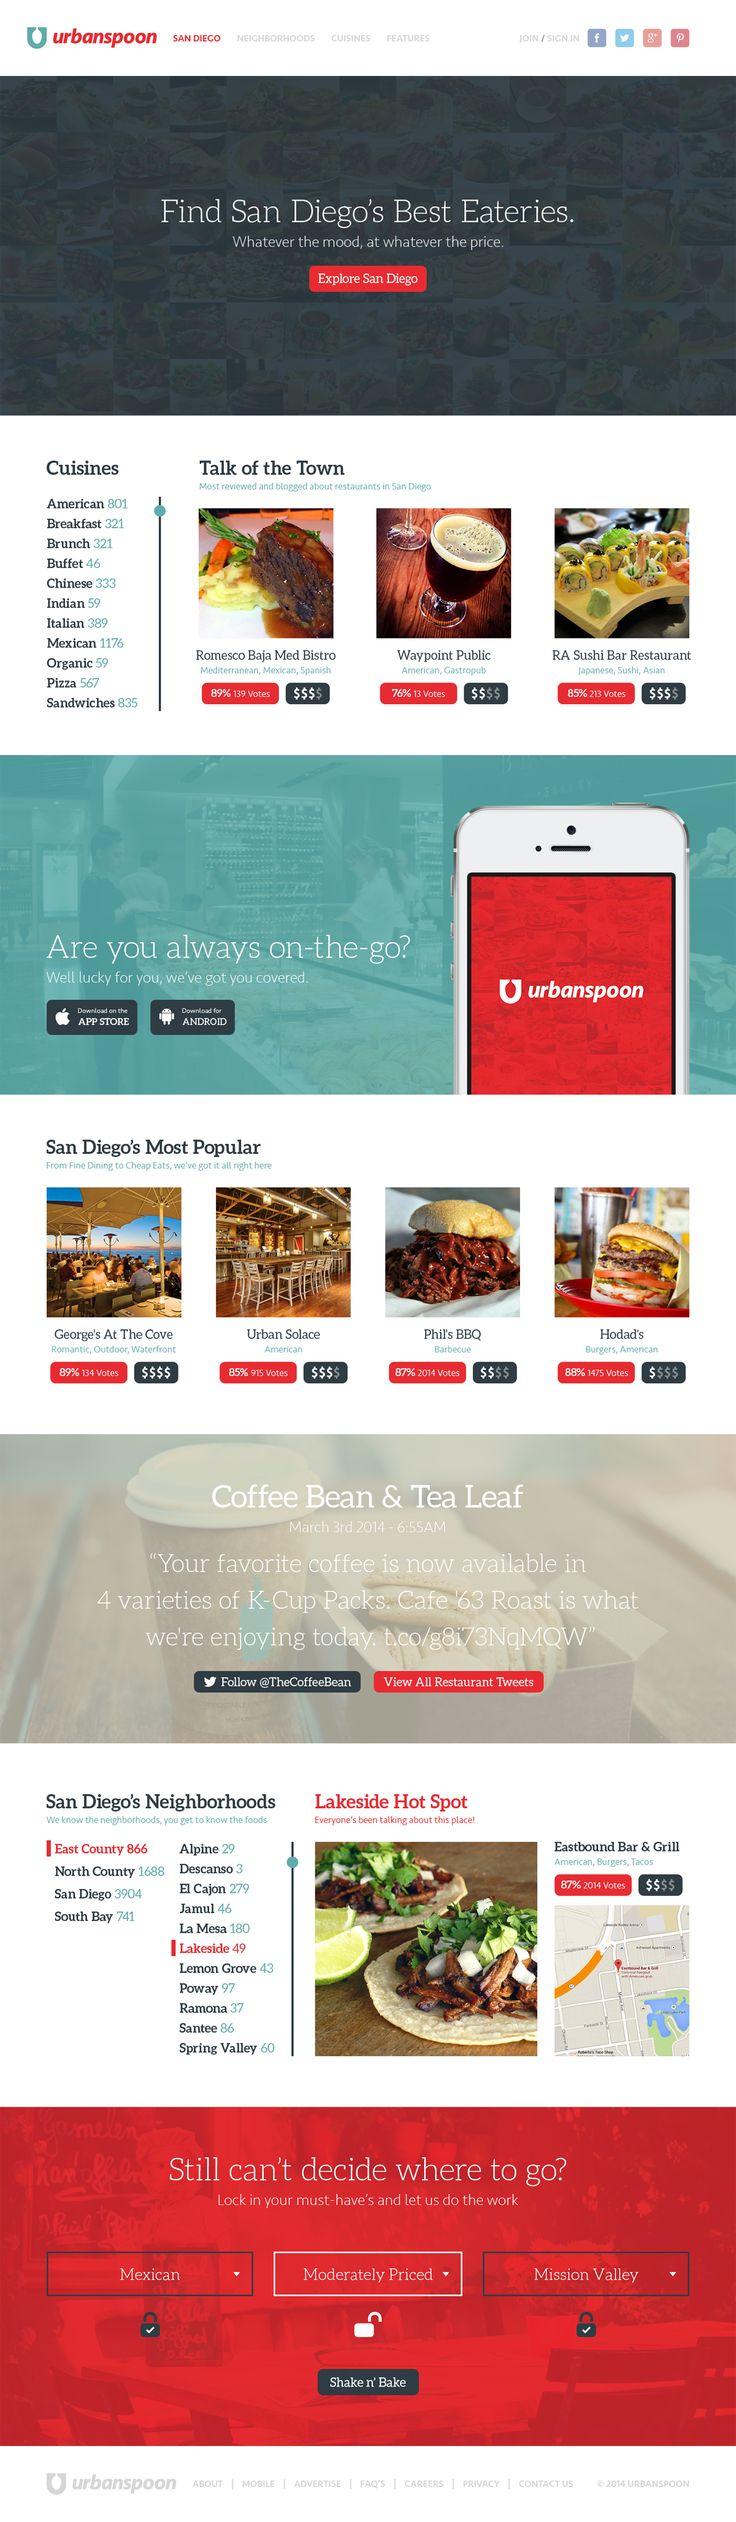 Urbanspoon_homepage